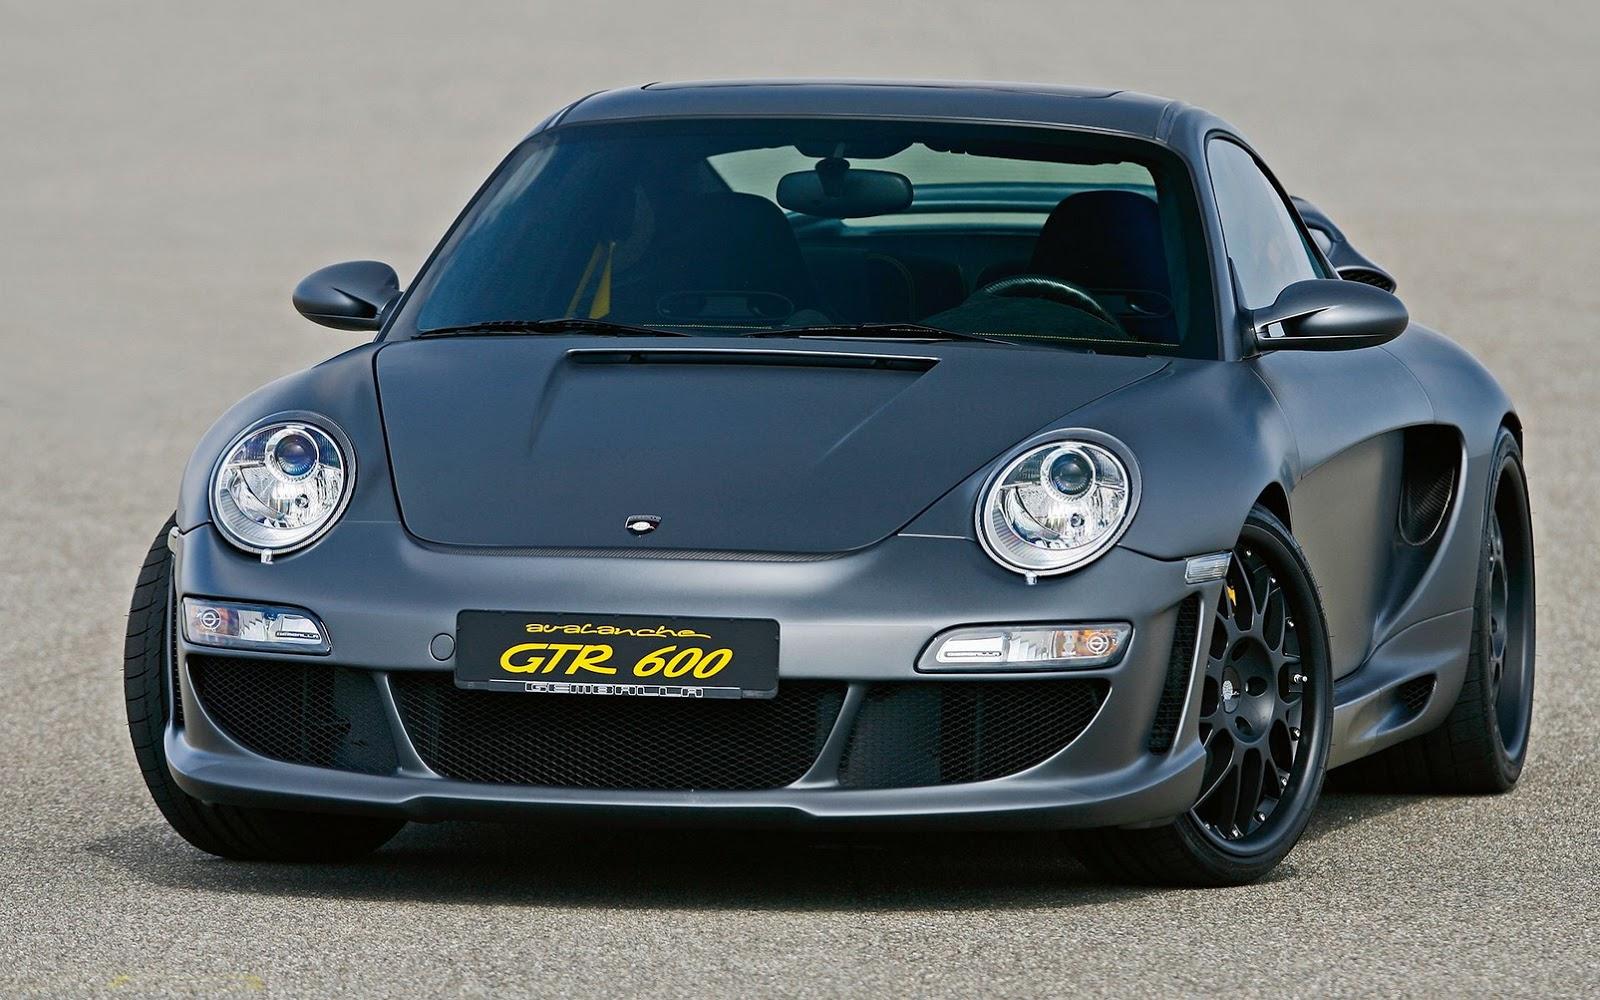 Голос из прошлого: Porsche 911 Turbo Avalanche GTR 600